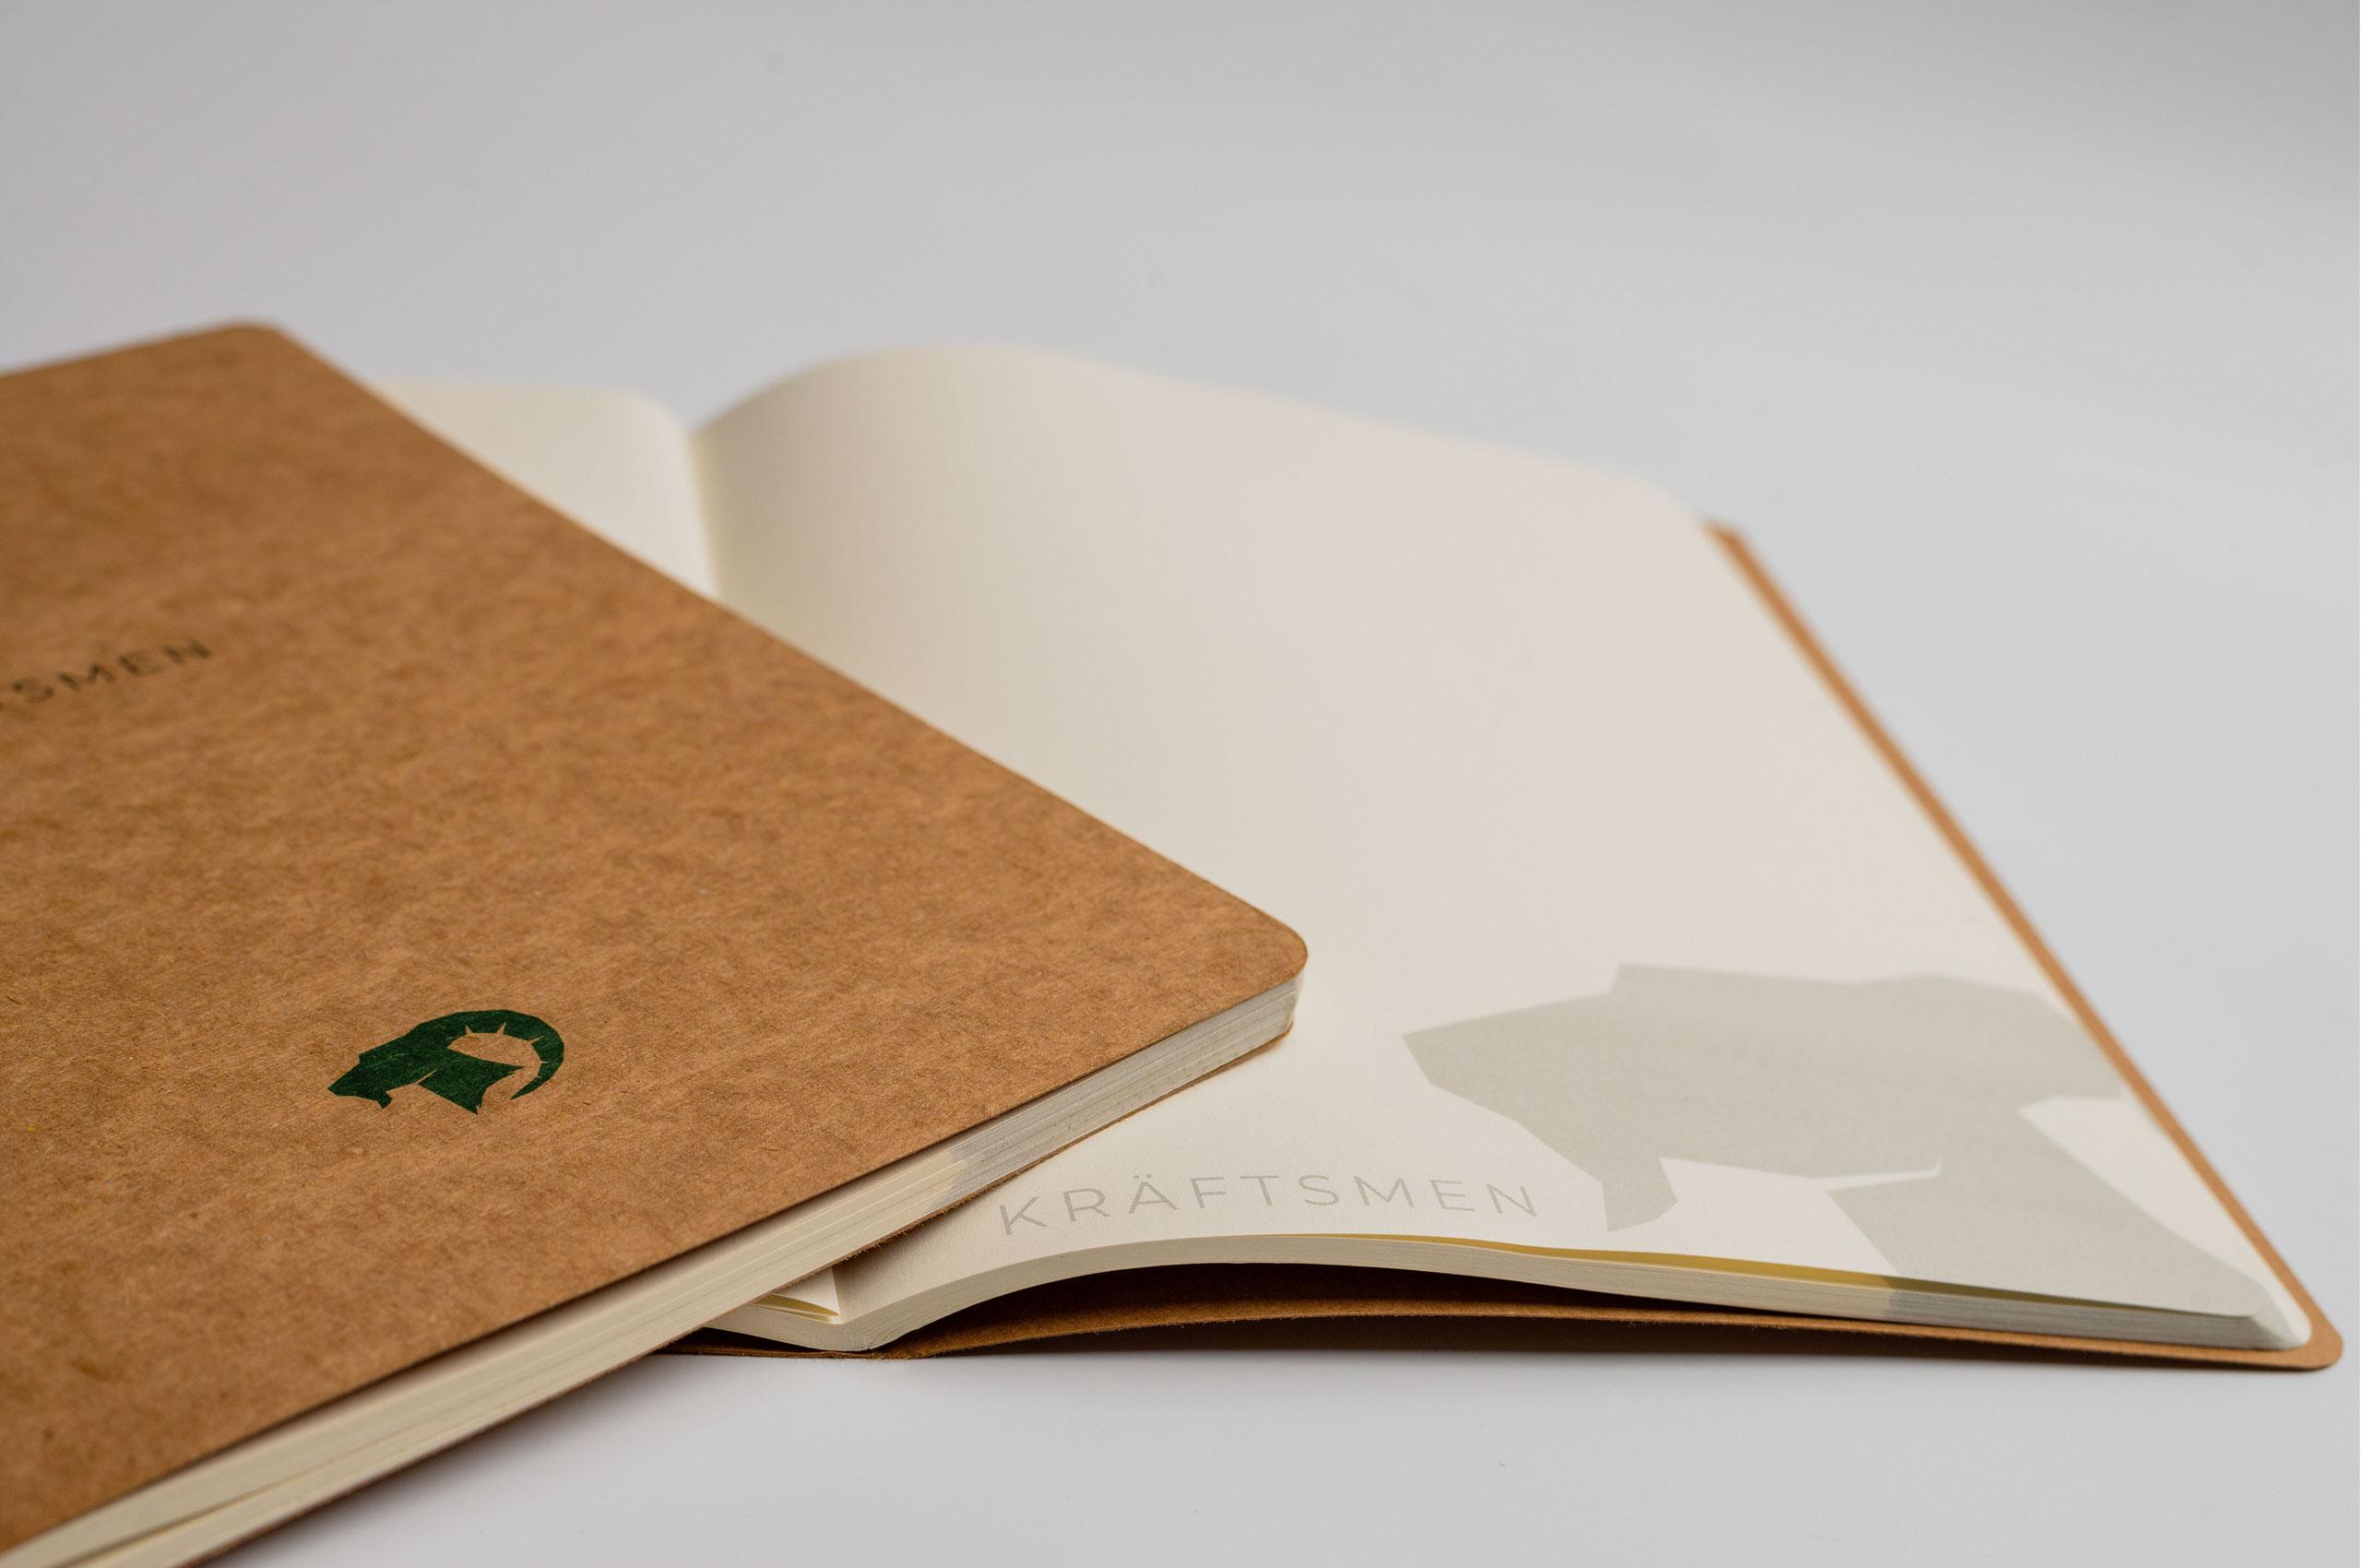 Craft notebook by Kraftsmen